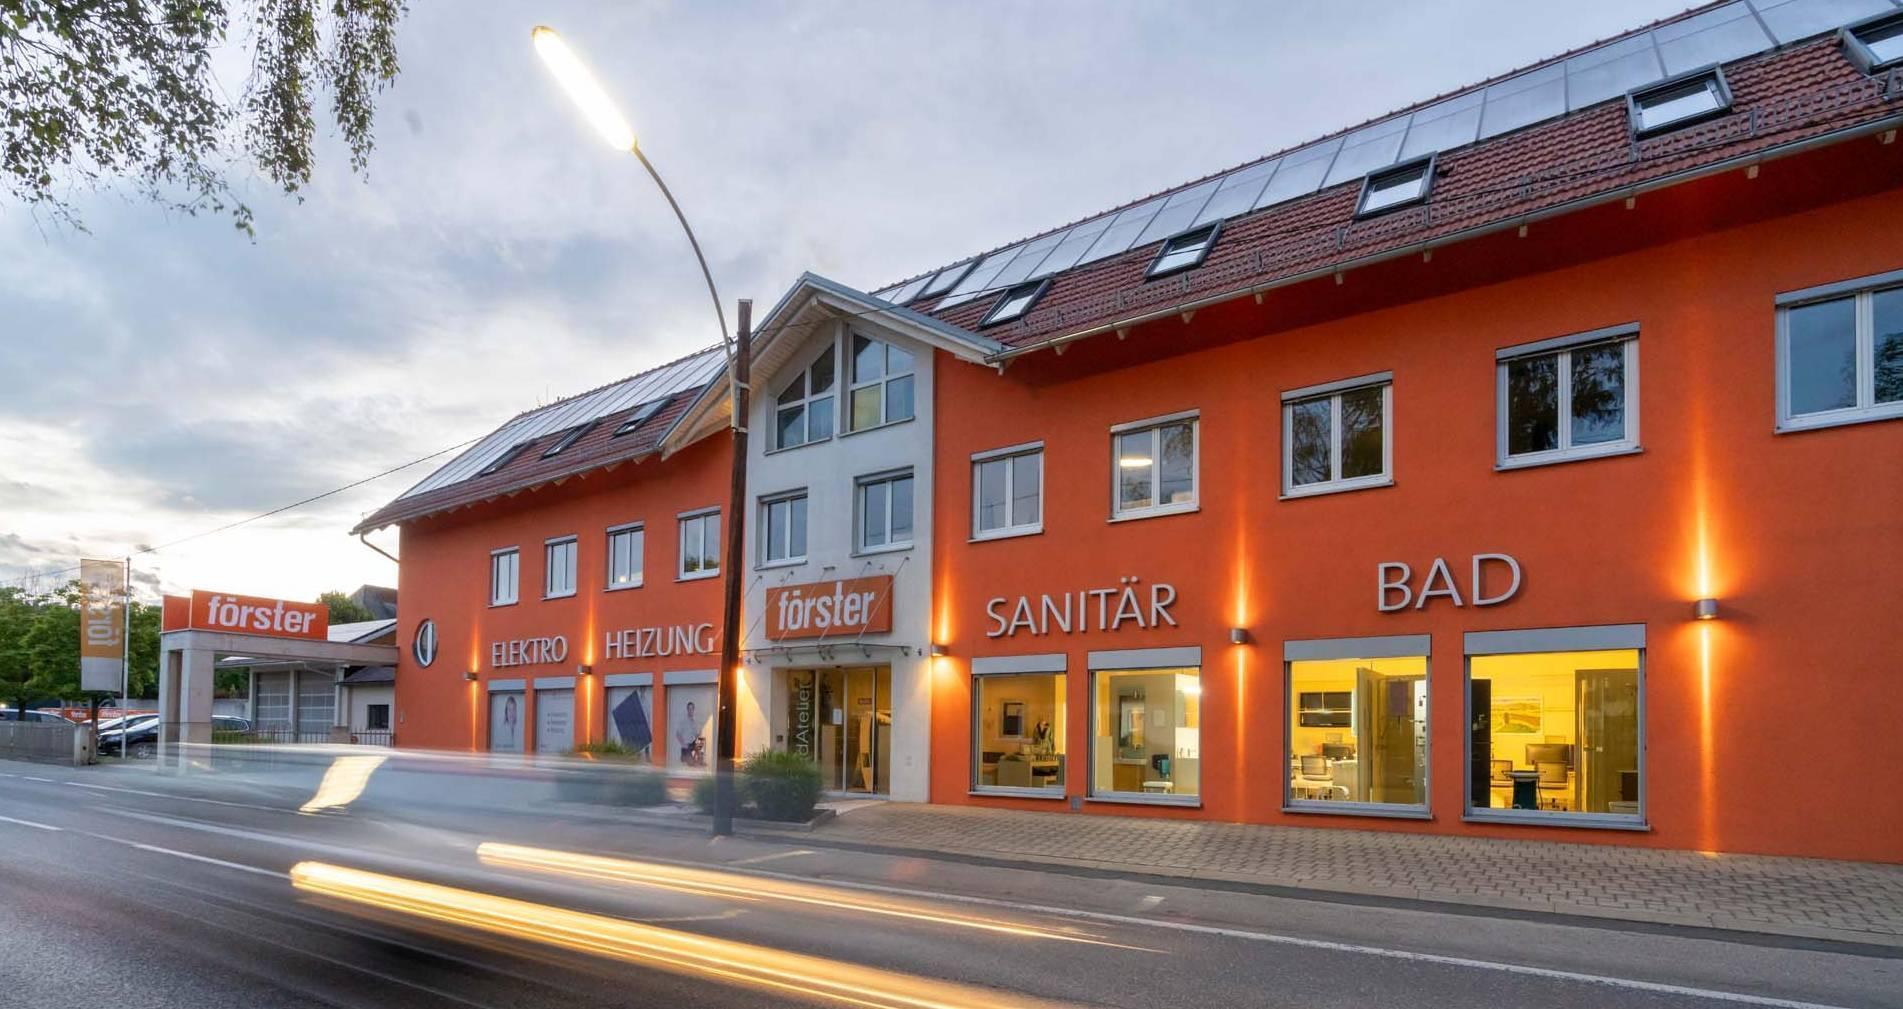 Um auch Ihr Zuhause oder Ihr Unternehmen nachhaltig energieeffizient zu machen, sprechen Sie mit unserem Energieberater.